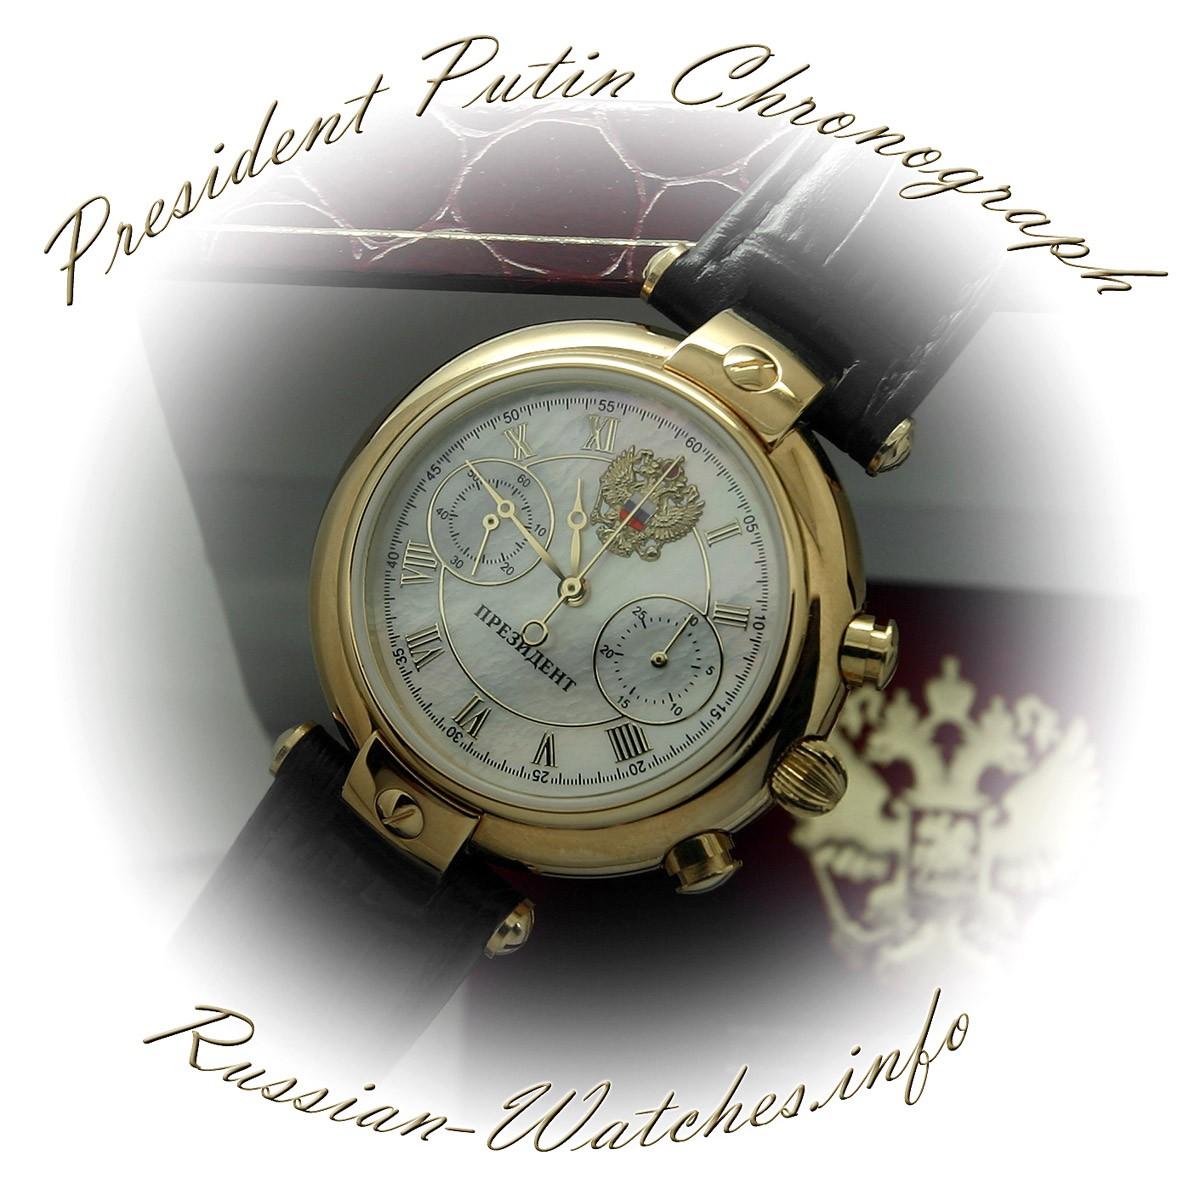 poljot_3140_russian_president2